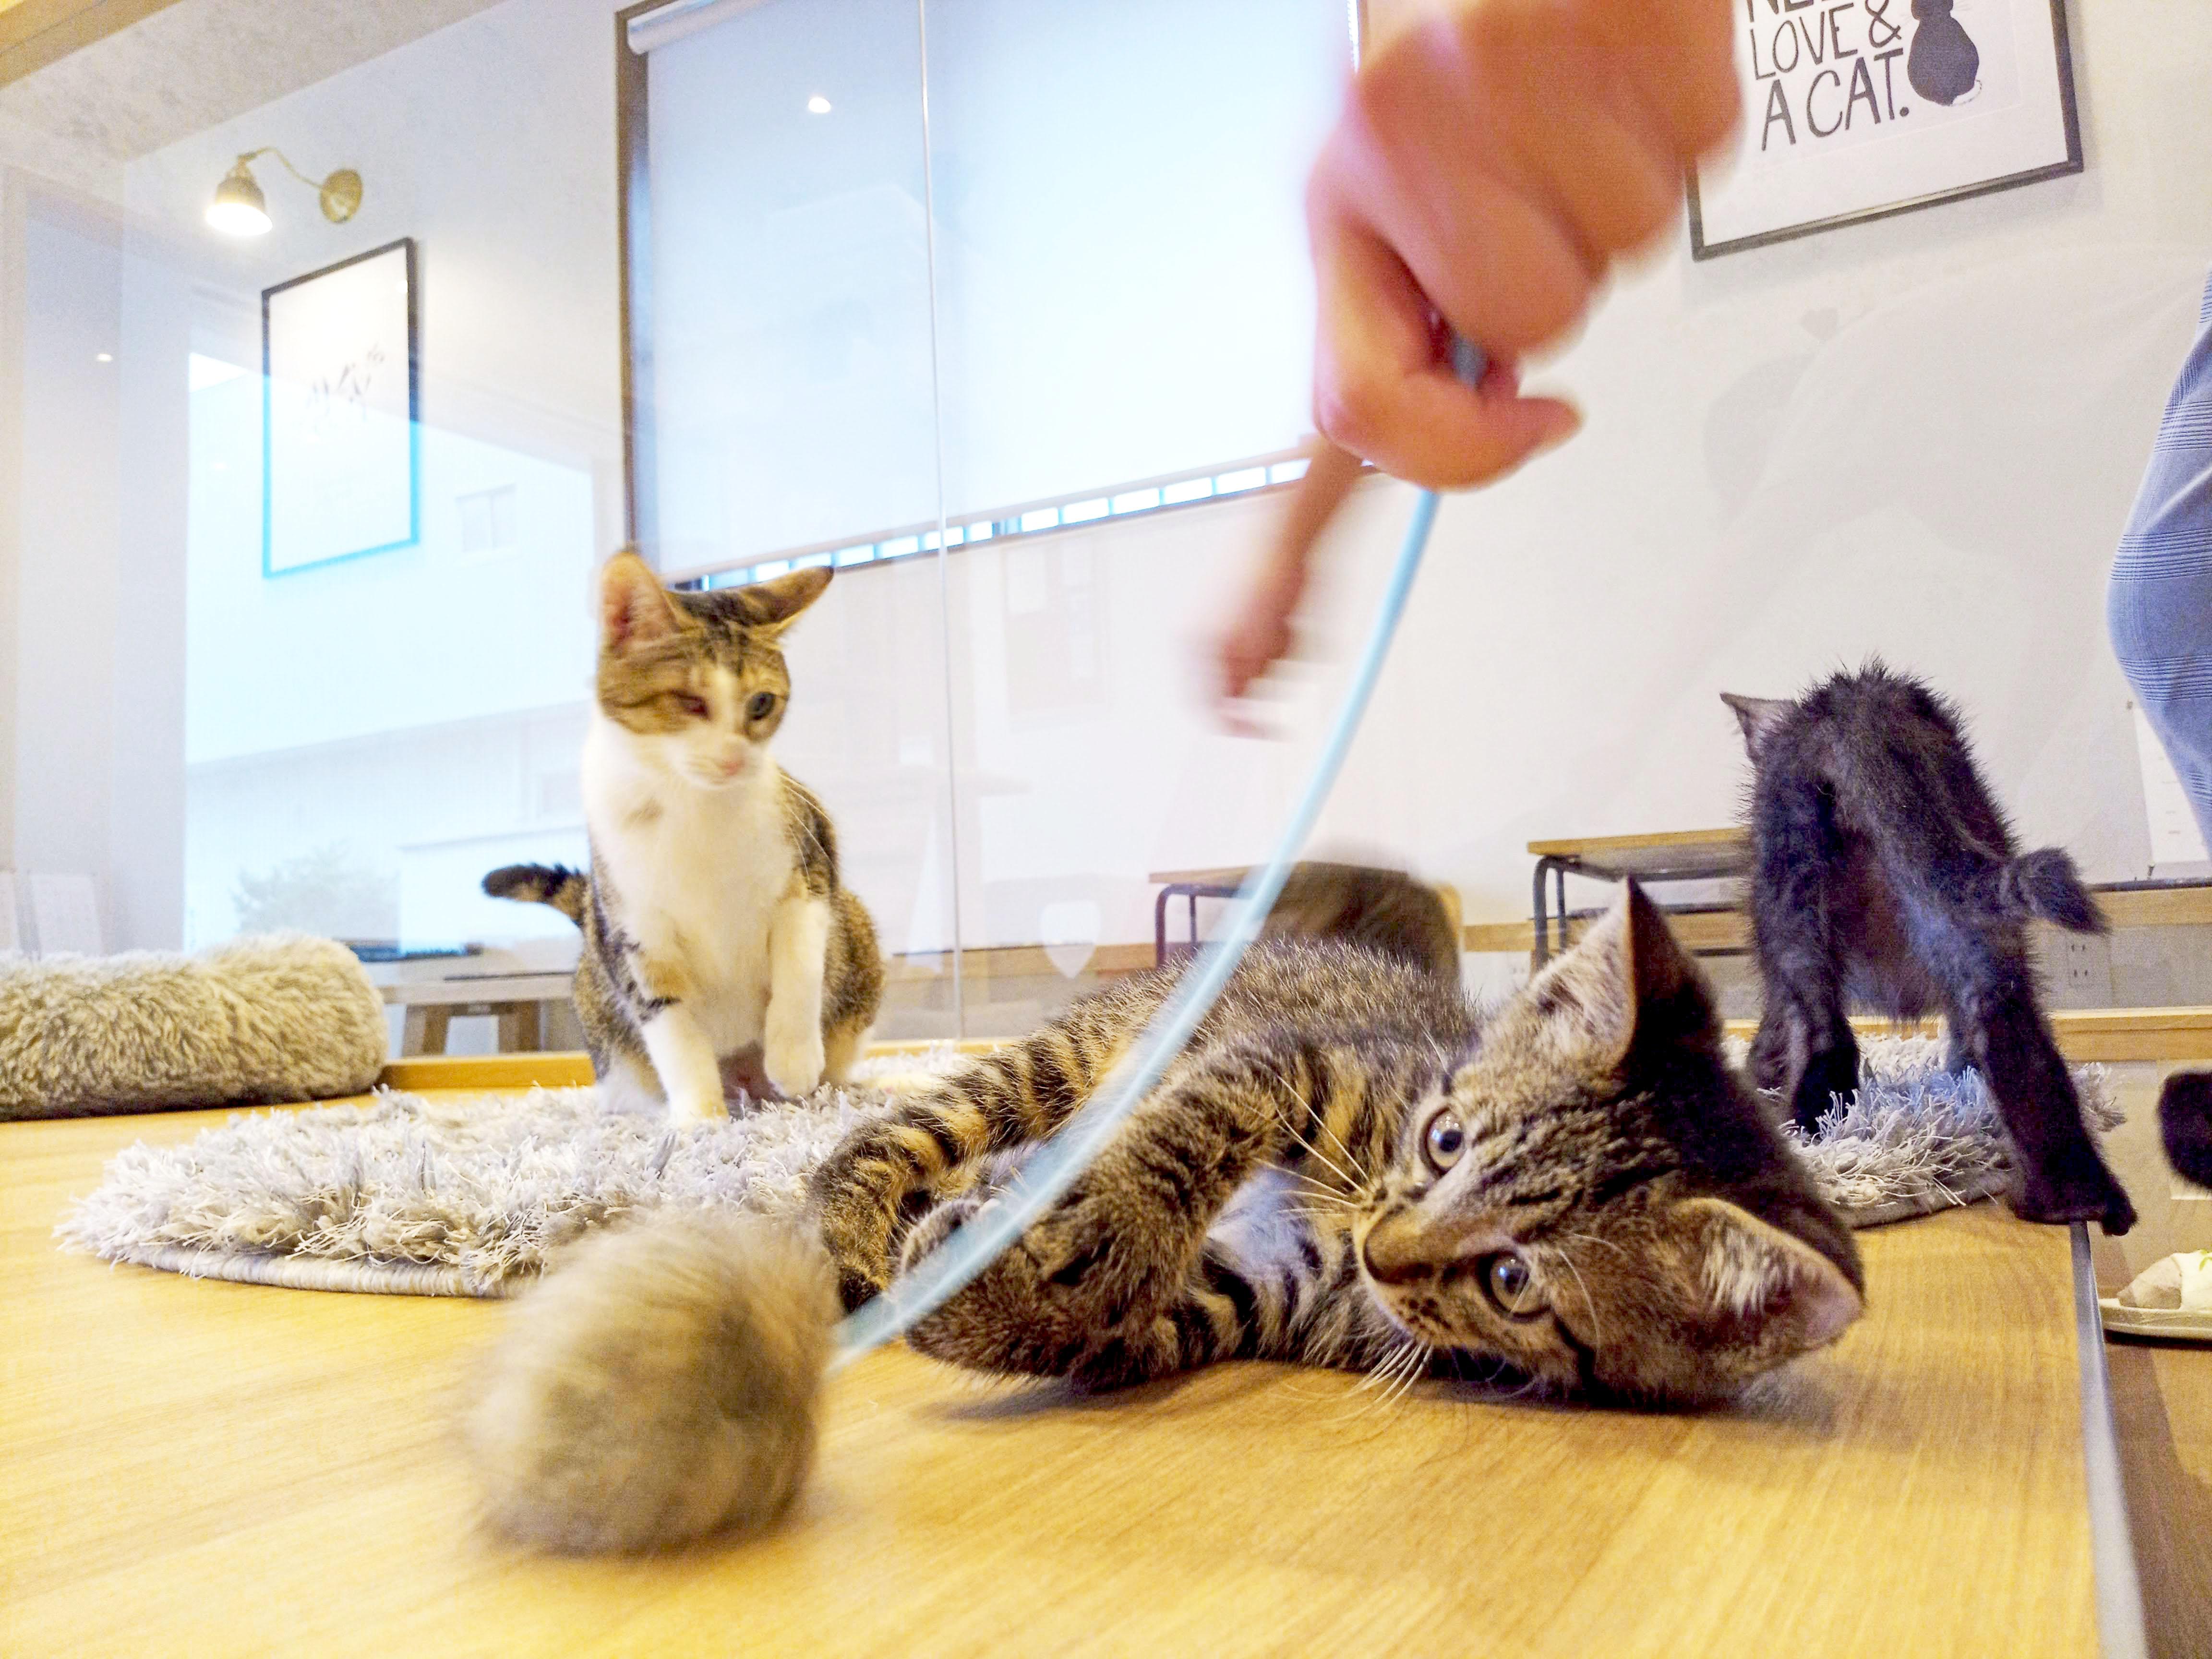 """かわいい""""子猫の幼稚園""""!岡崎に保護猫カフェ「Chaton」がオープン、猫好きライターが実際に行ってきました! - F88D3826 6930 466A 84E1 F3DC6602C976 1"""